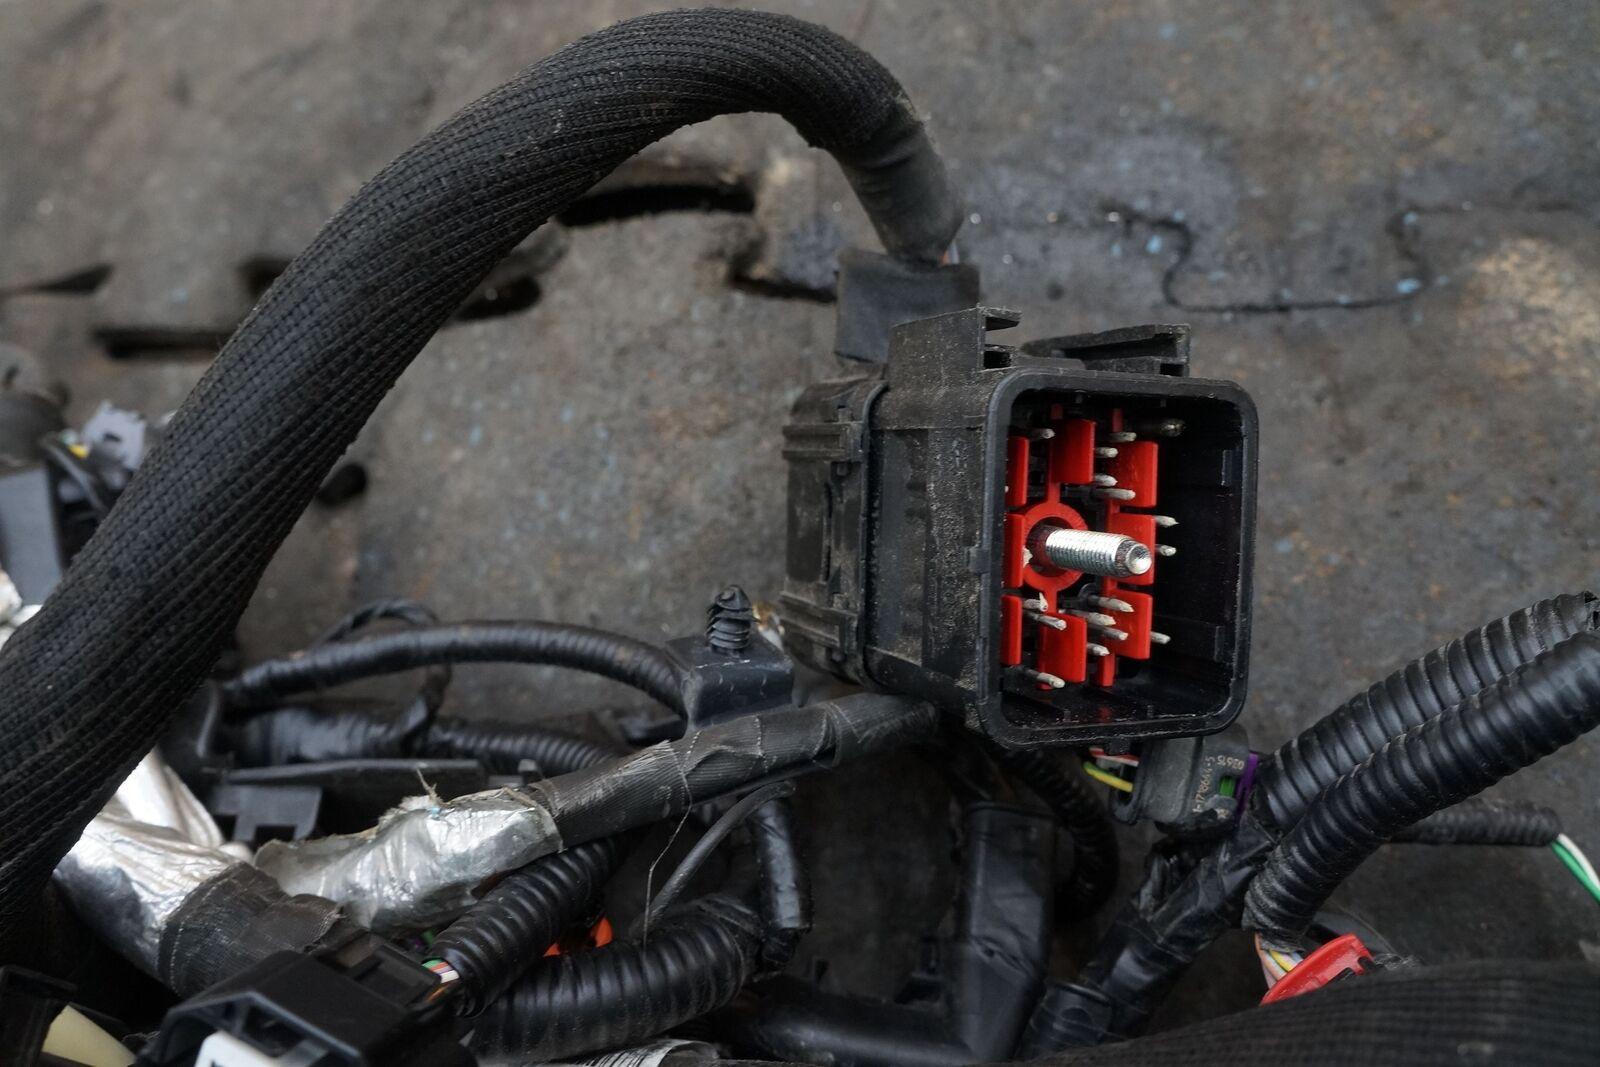 engine wiring wire harness